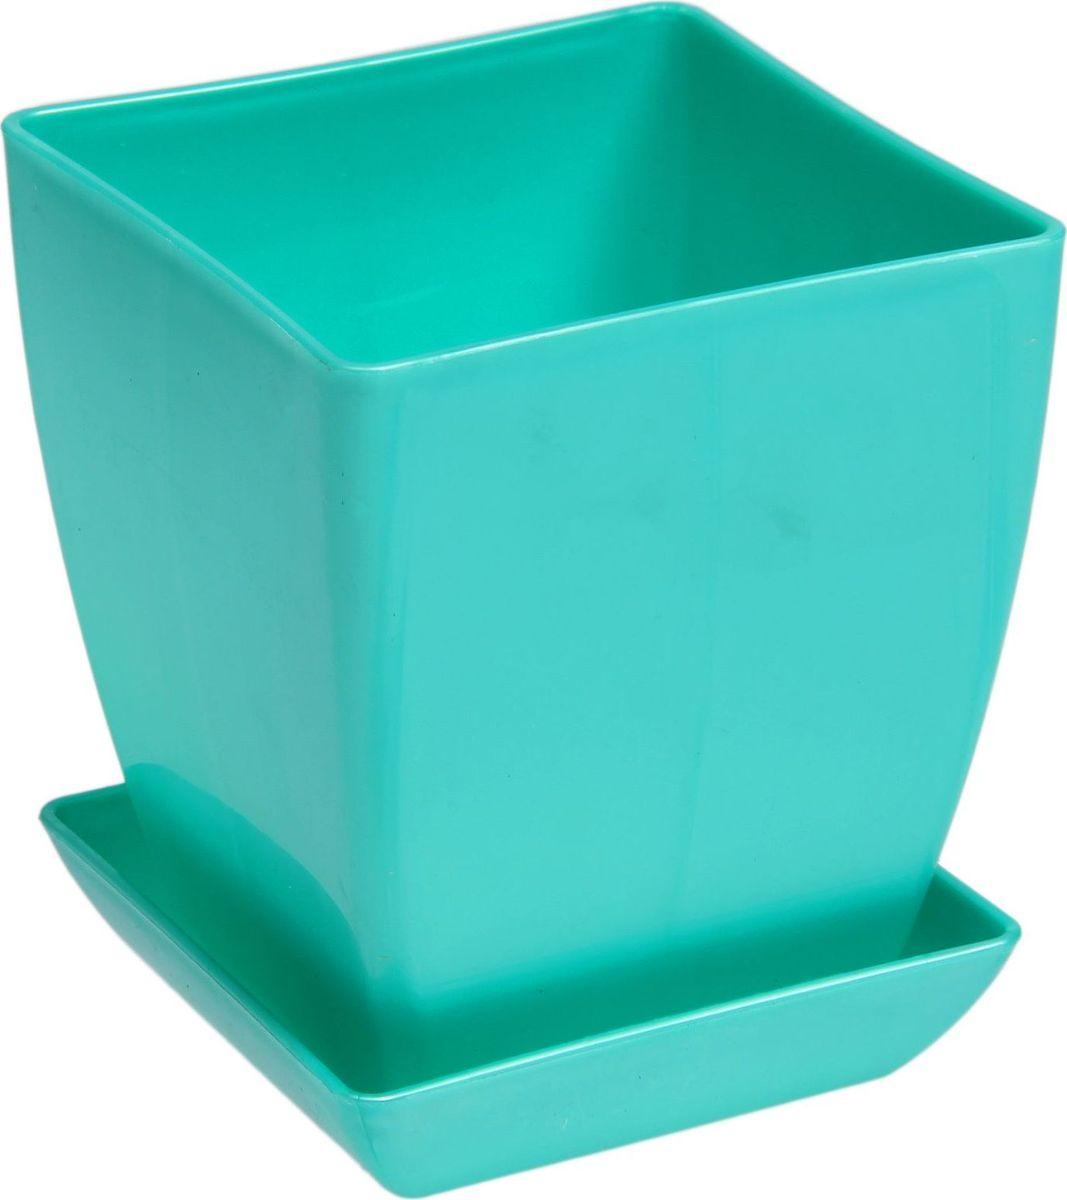 Горшок для цветов Квадрат, с поддоном, цвет: зеленый, 0,3 л1459531Любой, даже самый современный и продуманный интерьер будет незавершенным без растений. Они не только очищают воздух и насыщают его кислородом, но и украшают окружающее пространство. Такому полезному члену семьи просто необходим красивый и функциональный дом! Оптимальный выбор материала - пластмасса! Почему мы так считаем?- Малый вес. С легкостью переносите горшки и кашпо с места на место, ставьте их на столики или полки, не беспокоясь о нагрузке.- Простота ухода. Кашпо не нуждается в специальных условиях хранения. Его легко чистить - достаточно просто сполоснуть теплой водой.- Никаких потертостей. Такие кашпо не царапают и не загрязняют поверхности, на которых стоят.- Пластик дольше хранит влагу, а значит, растение реже нуждается в поливе. Пластмасса не пропускает воздух - корневой системе растения не грозят резкие перепады температур.- Огромный выбор форм, декора и расцветок - вы без труда найдете что-то, что идеально впишется в уже существующий интерьер.Соблюдая нехитрые правила ухода, вы можете заметно продлить срок службы горшков и кашпо из пластика: всегда учитывайте размер кроны и корневой системы (при разрастании большое растение способно повредить маленький горшок) берегите изделие от воздействия прямых солнечных лучей, чтобы горшки не выцветали держите кашпо из пластика подальше от нагревающихся поверхностей. Создавайте прекрасные цветочные композиции, выращивайте рассаду или необычные растения.